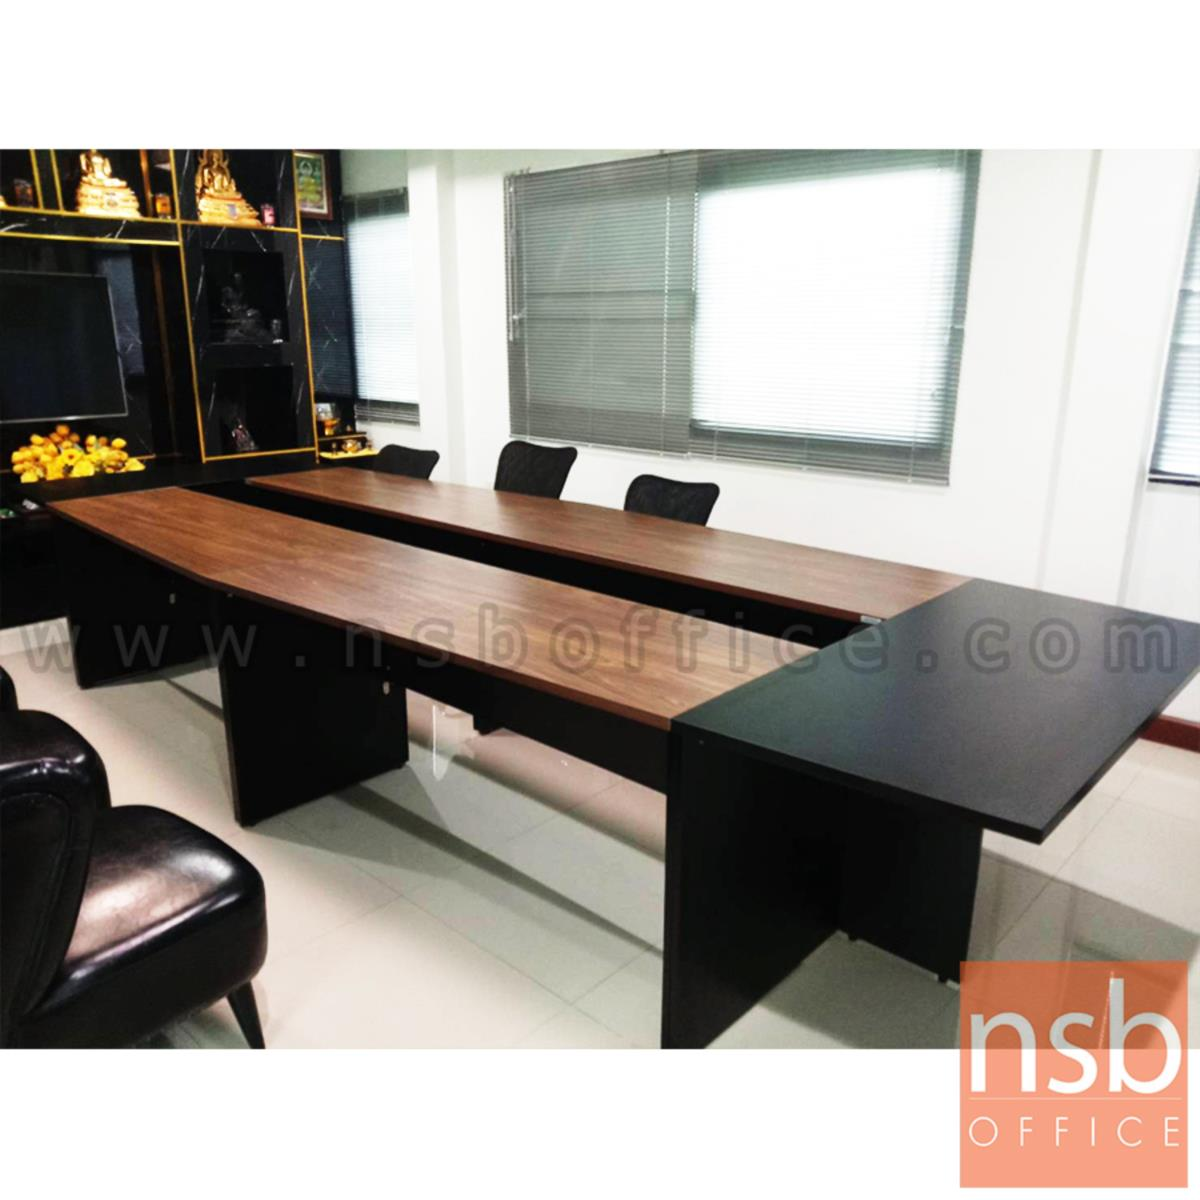 โต๊ะประชุม รุ่น BADEN (บาเด็น) 8 ,10 ที่นั่ง ขนาด 420W ,480W cm. เมลามีน สีดำ-มอคค่าวอลนัท